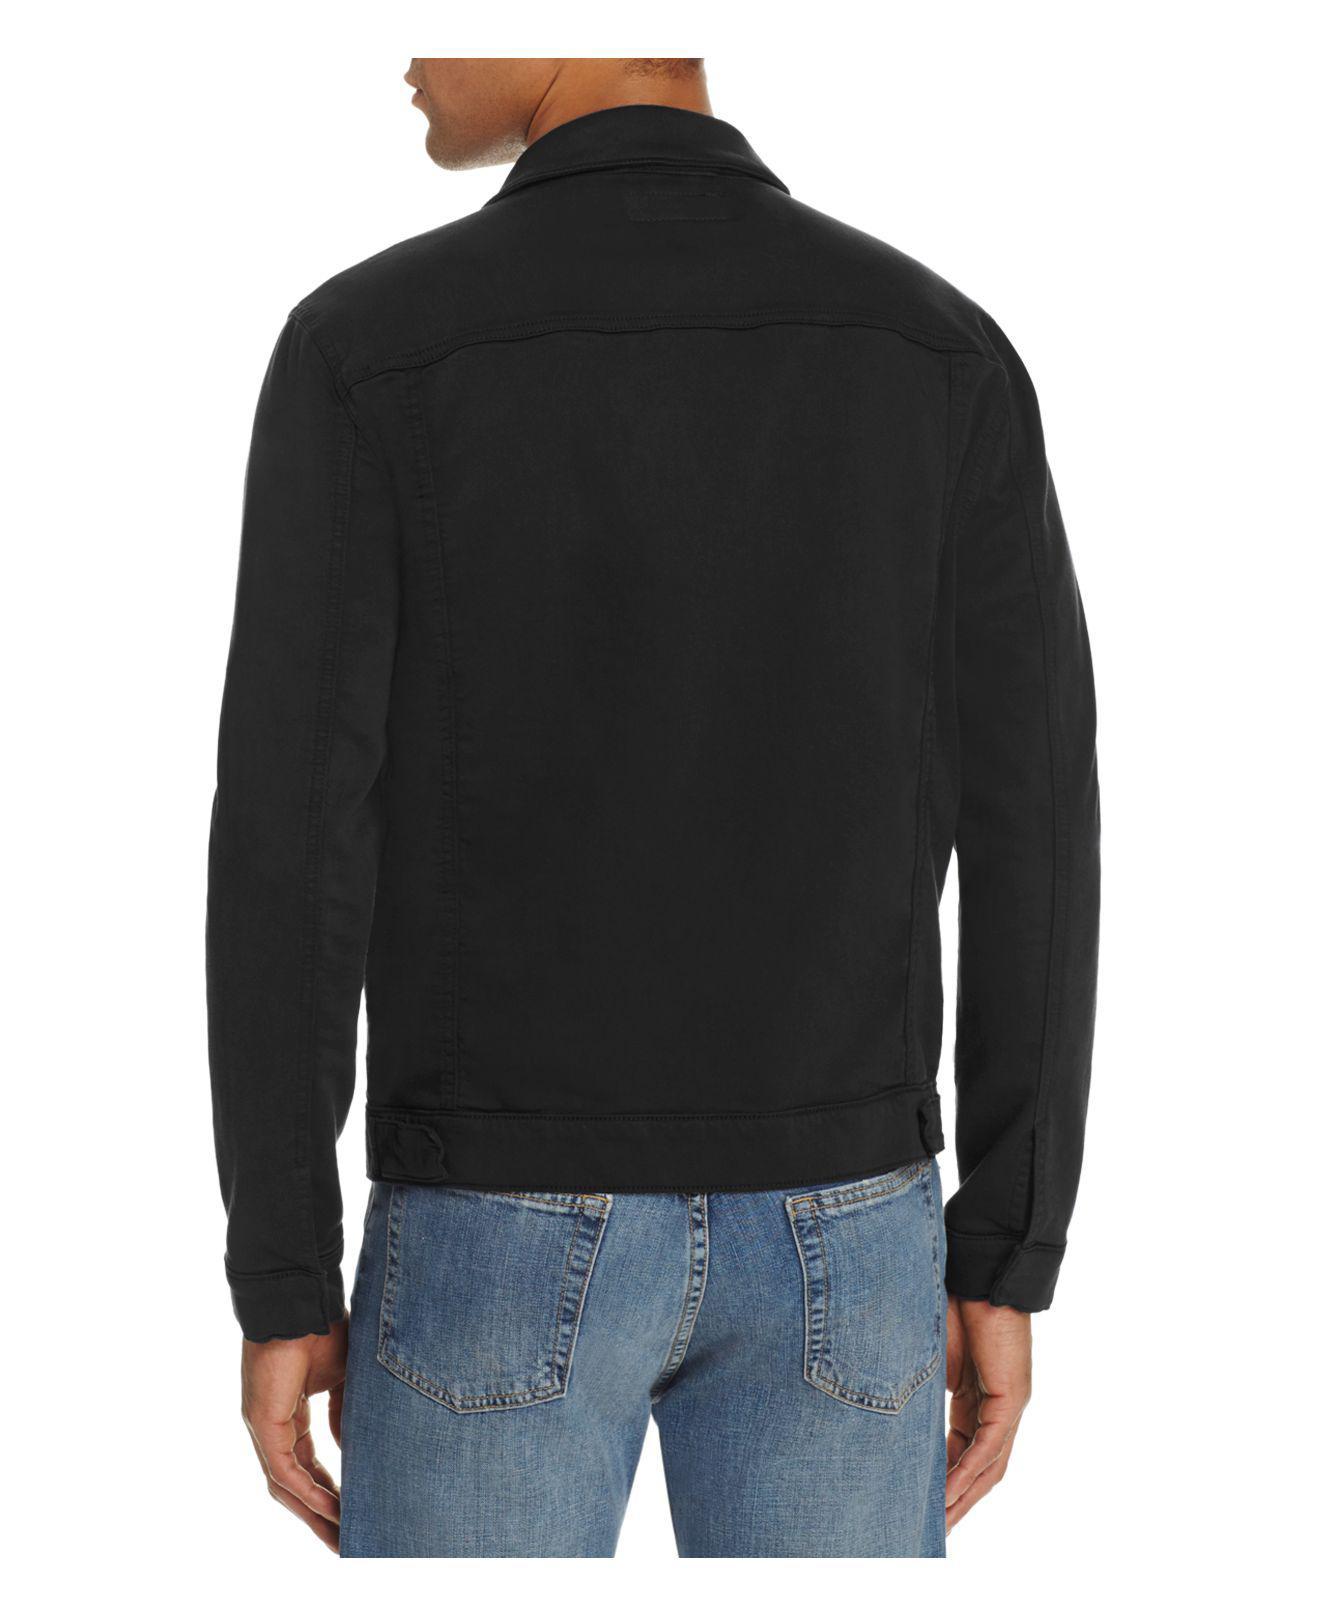 J Brand Gorn Trucker Jacket in Black for Men